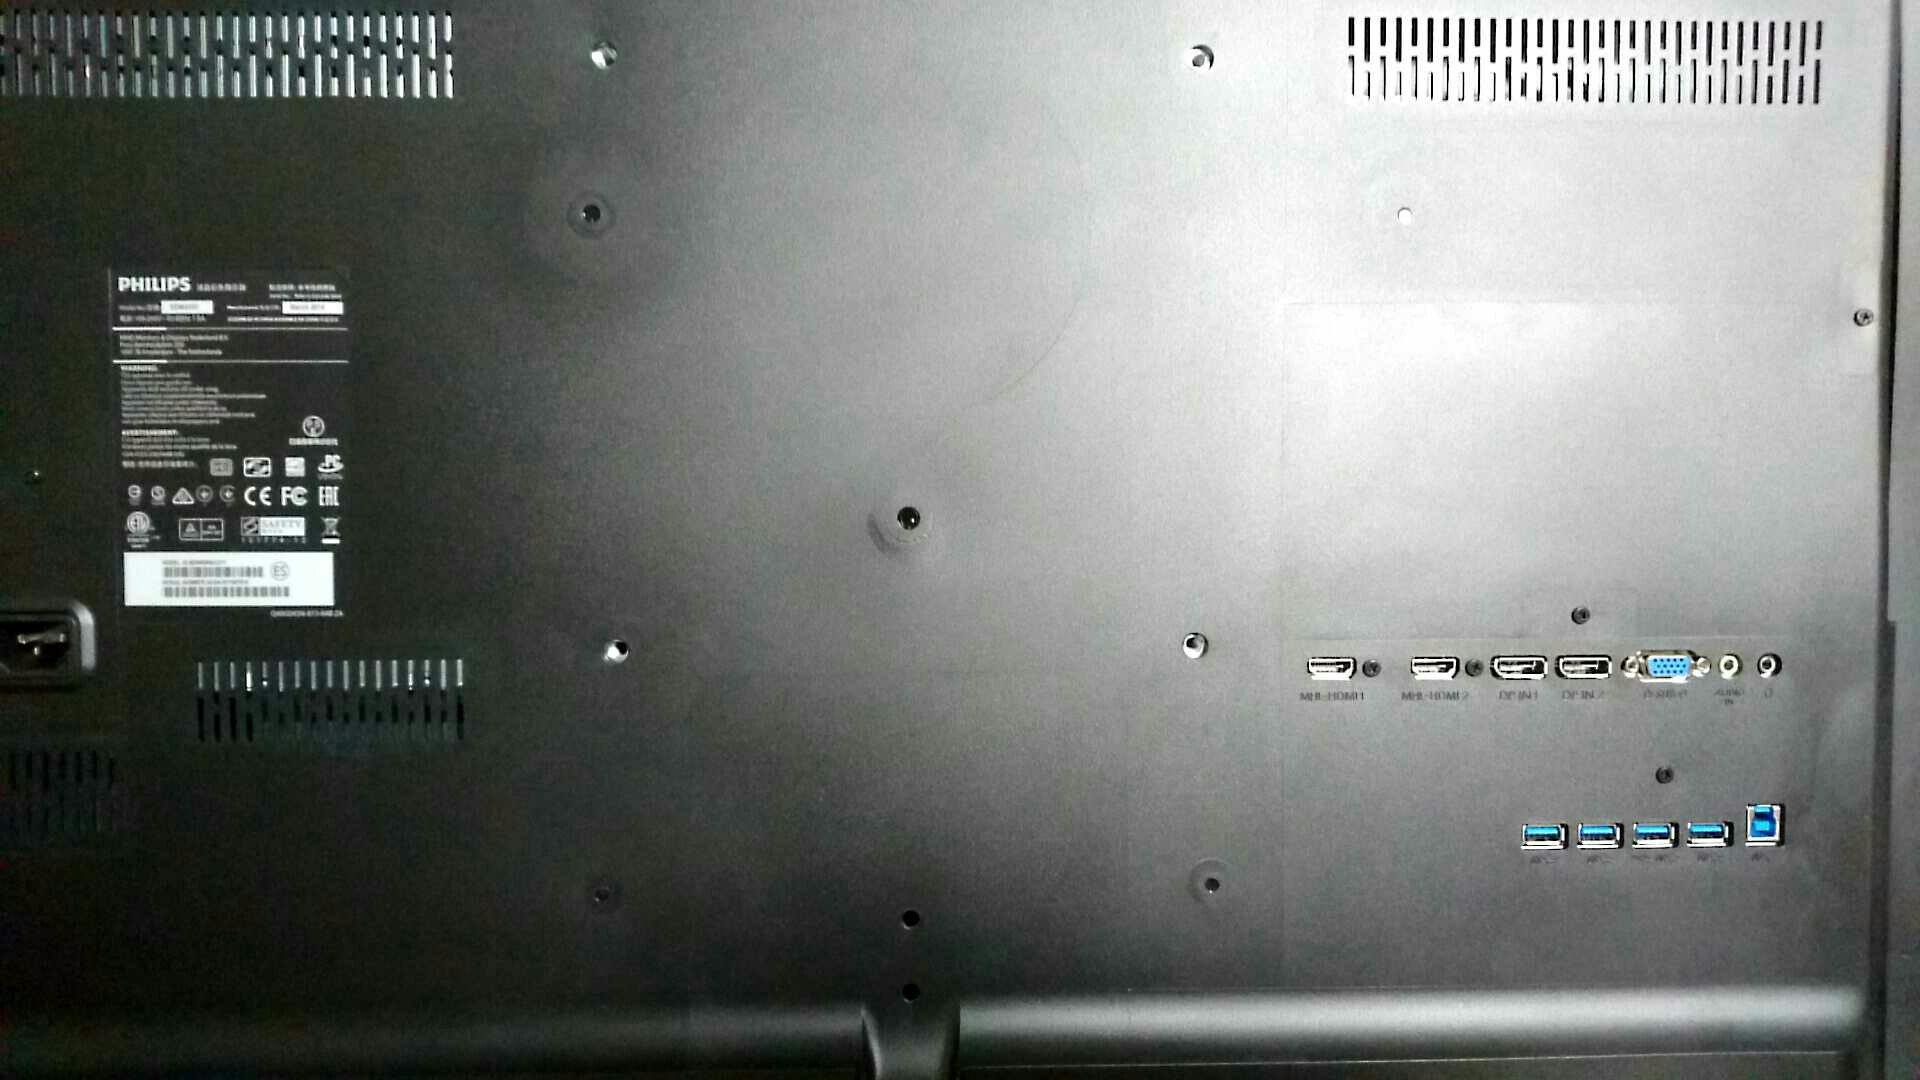 monitor_philipsbdm4350ucpic2.jpg